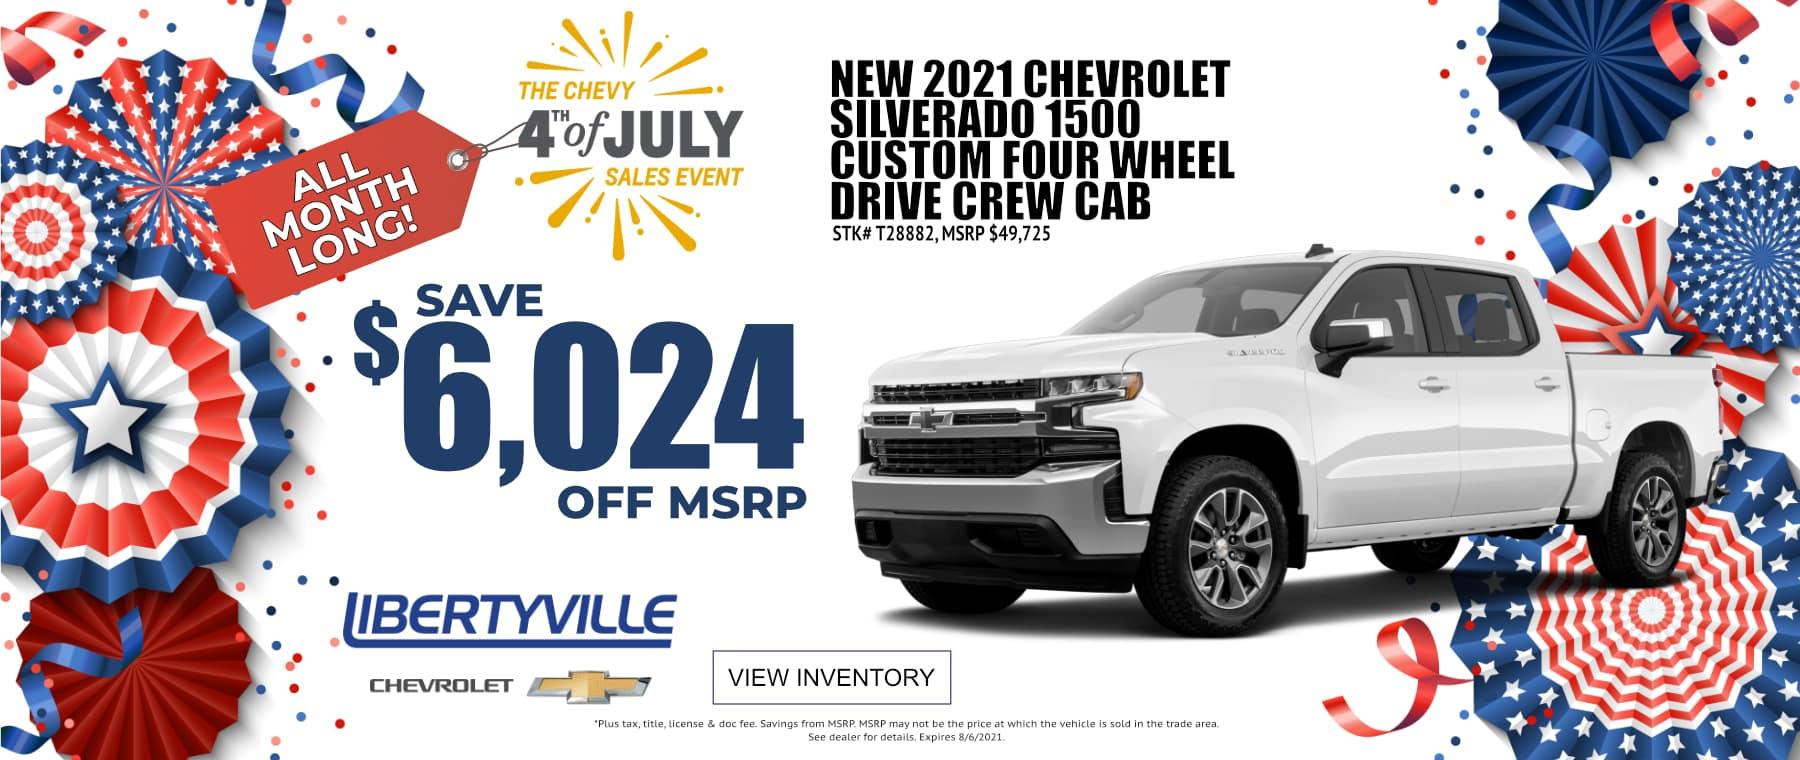 R_July_2021_Silverado_Libertyville